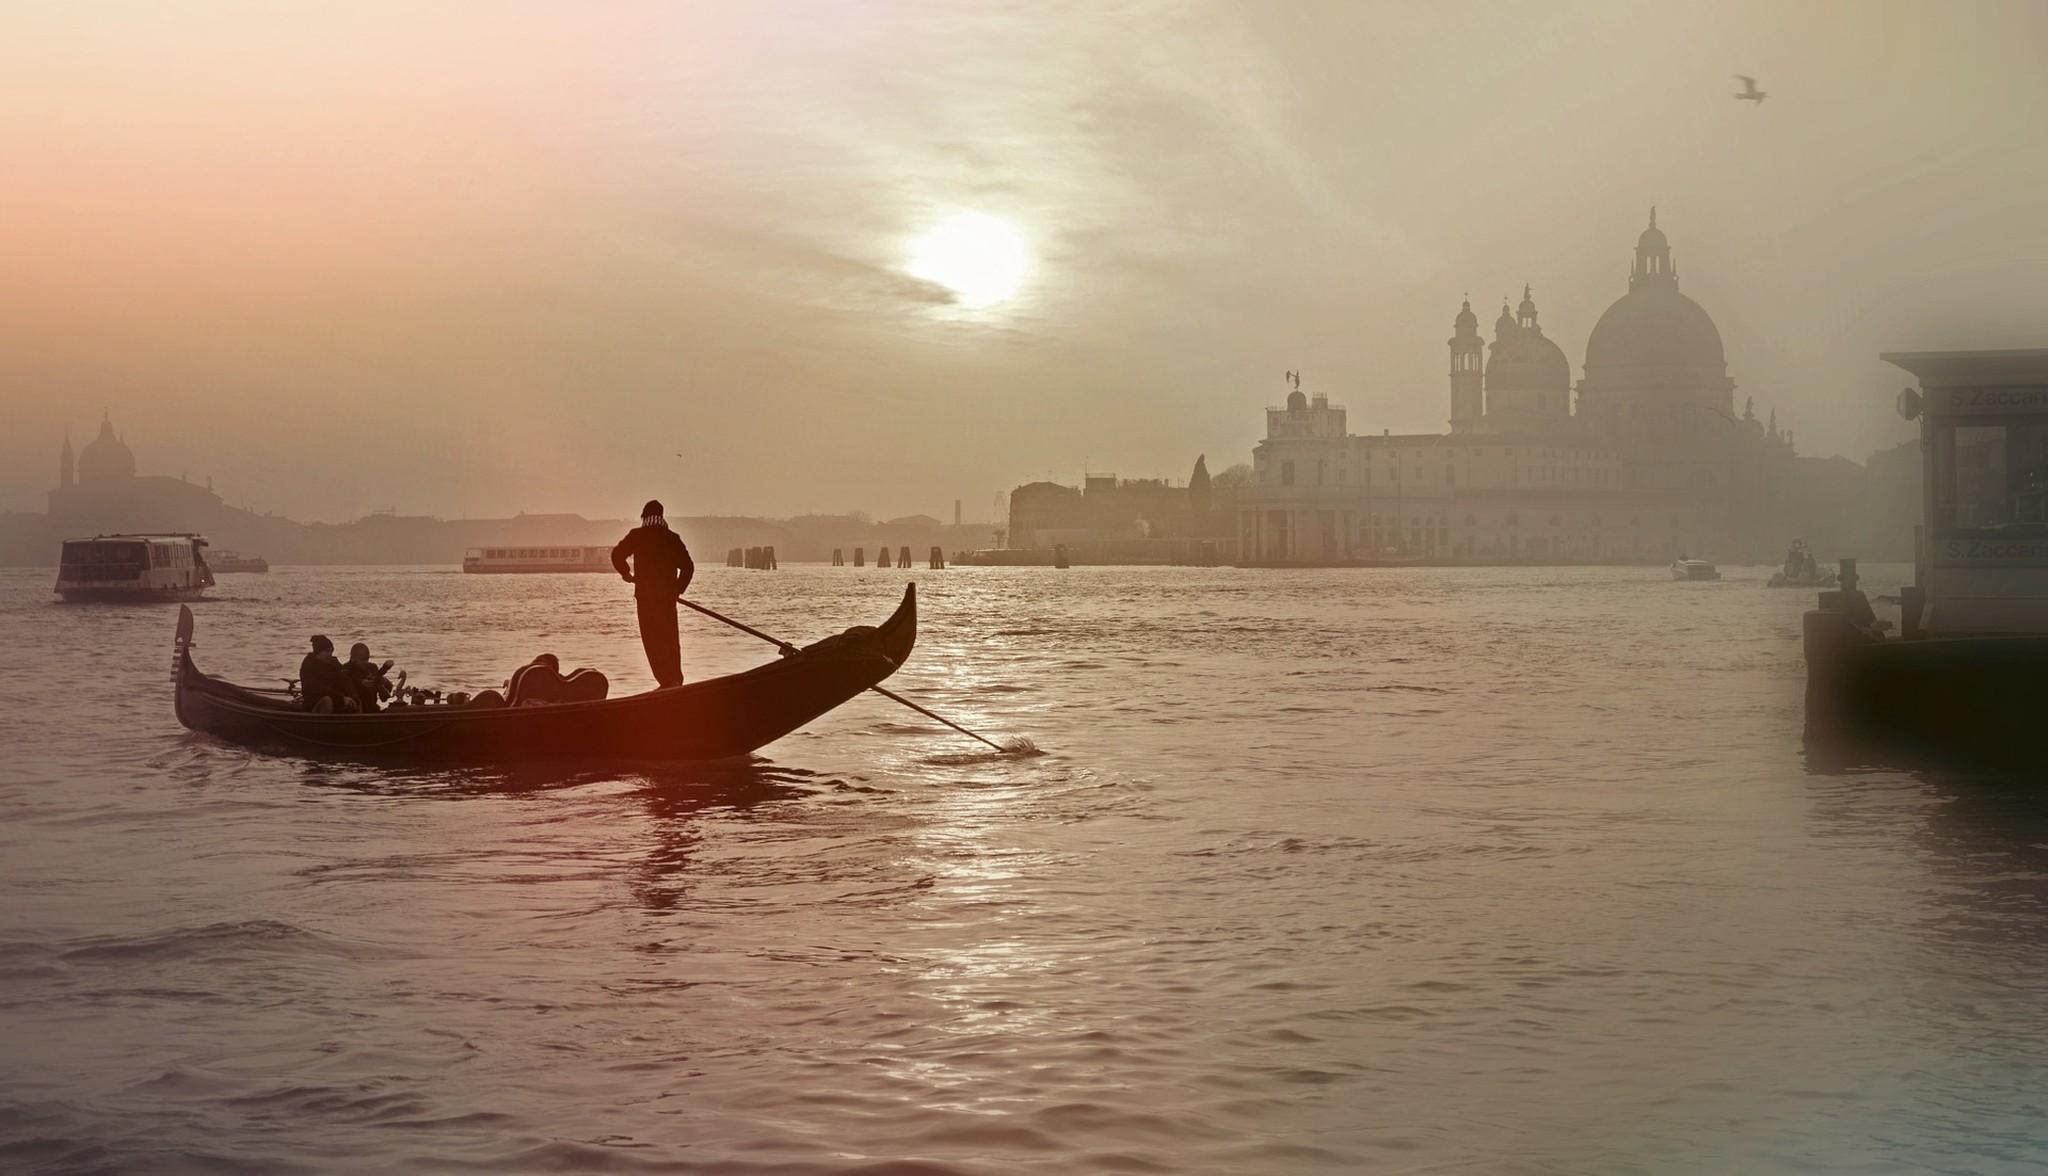 Жителей Твери приглашают на музейно-театральную программу «Венеция златая»